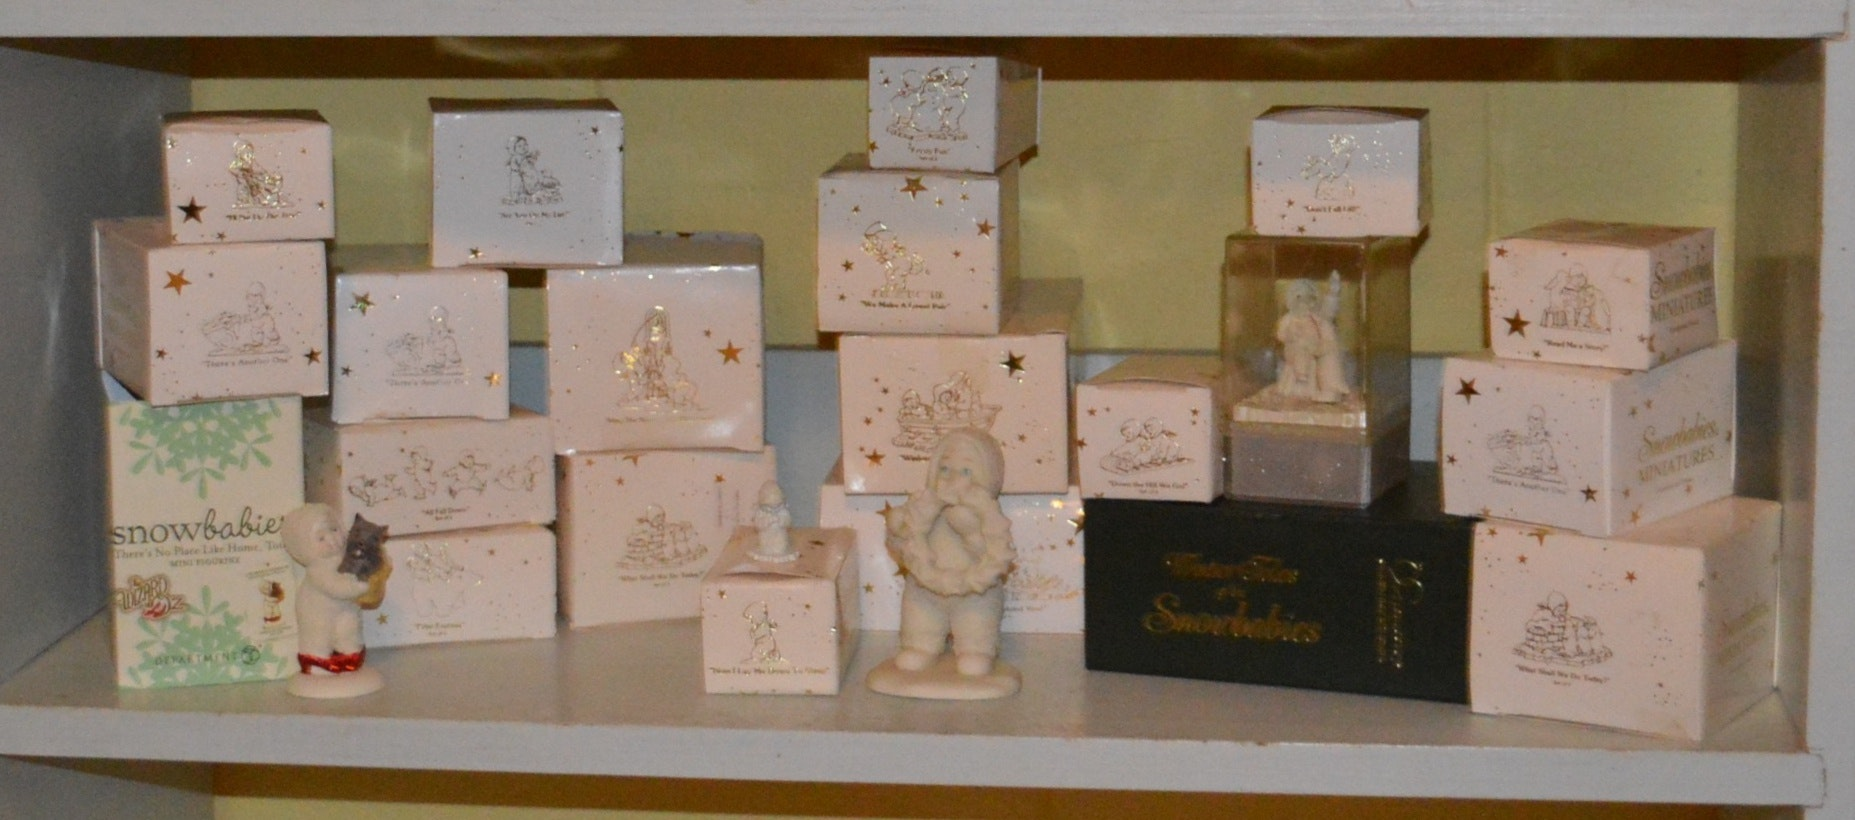 Miniature Snowbabies